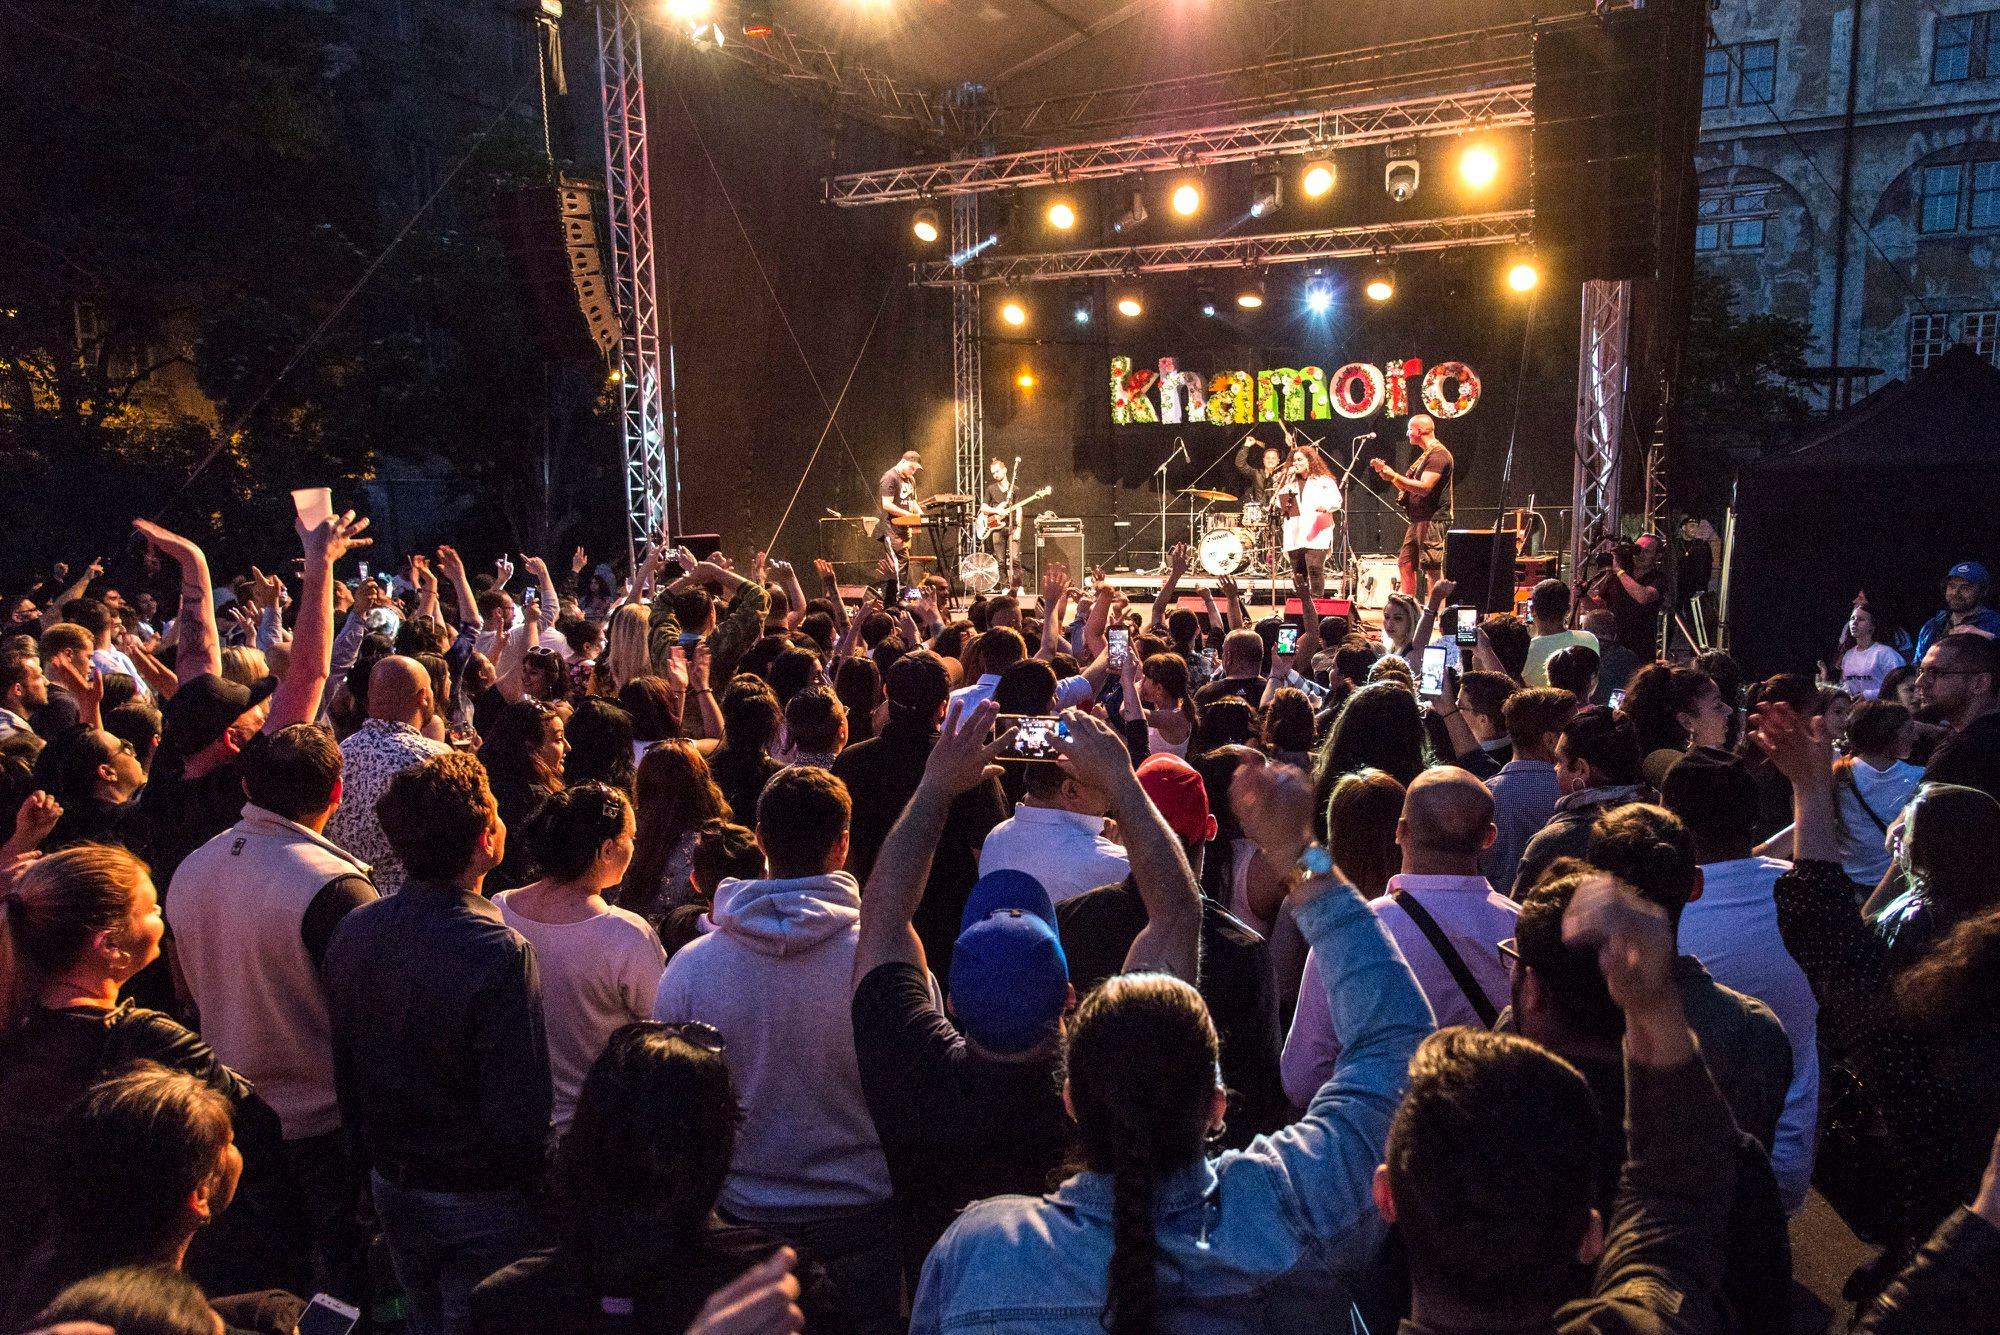 Foto: archiv festivalu Khamoro